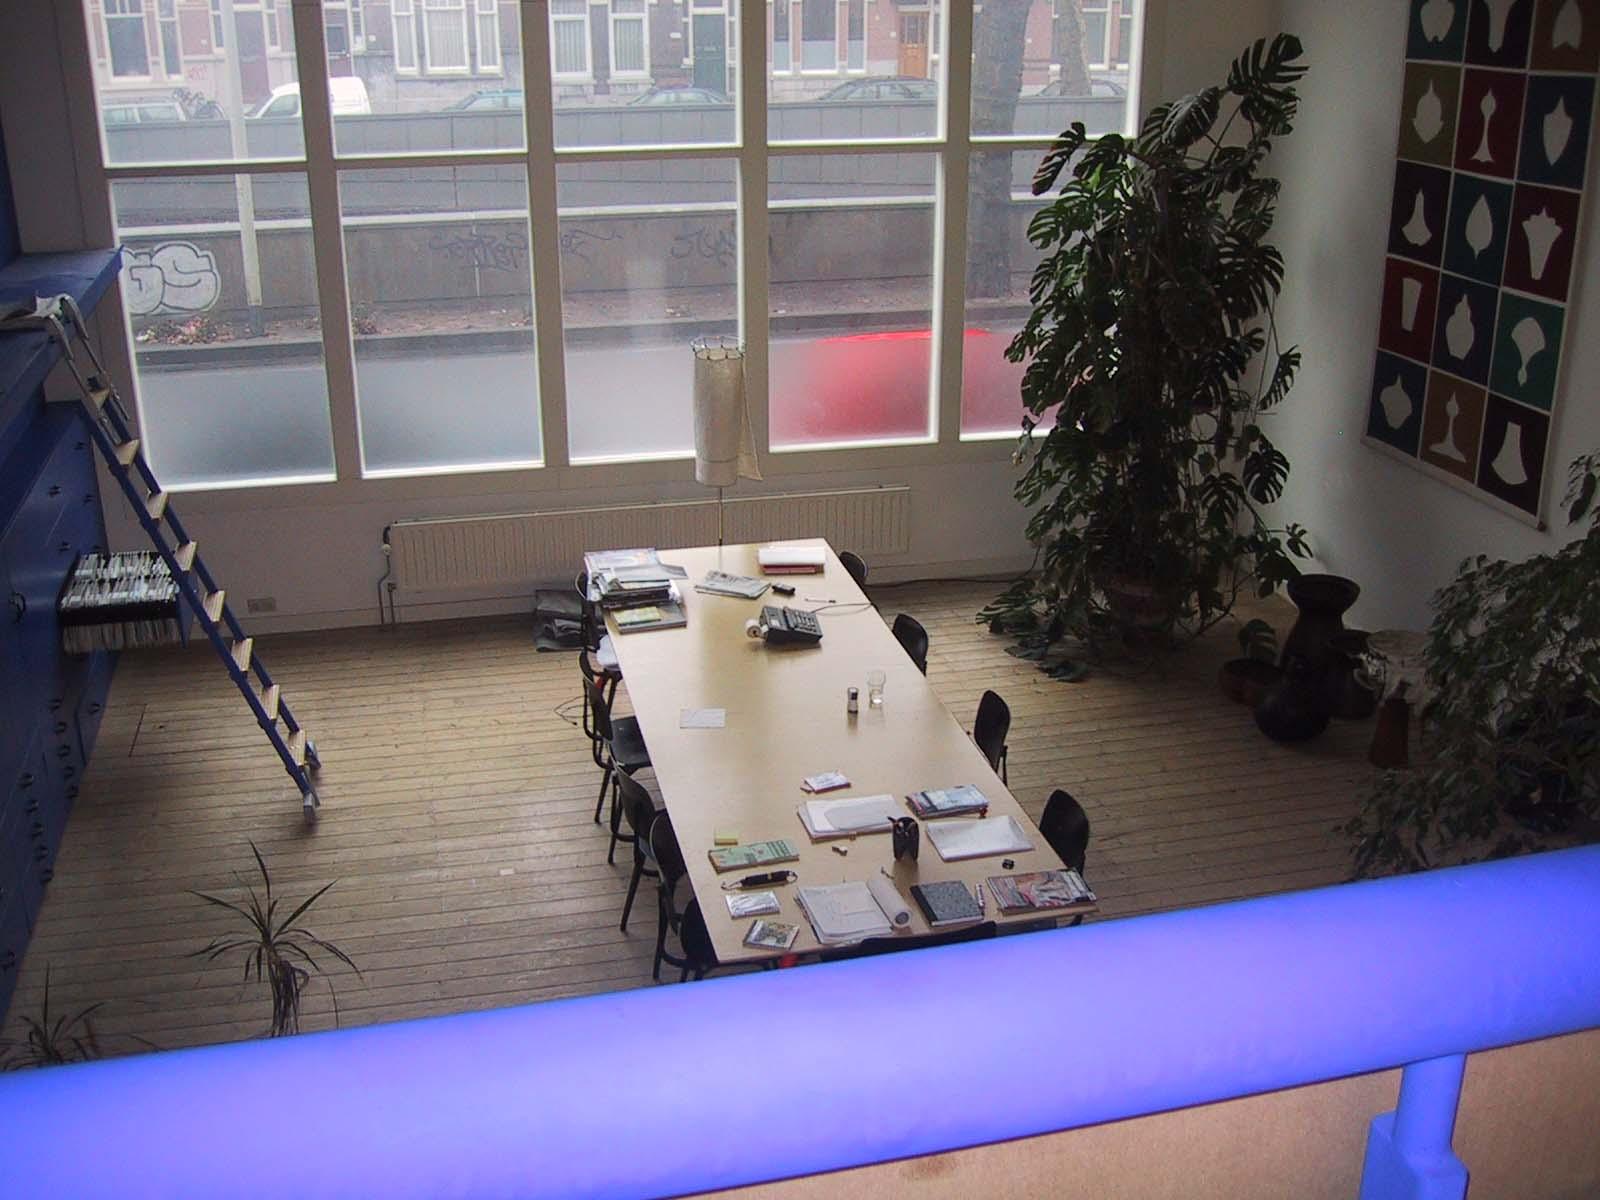 Bedrijfsruimte te huur 39 s gravendijkwal 73 c 3021ee rotterdam for Huur studio rotterdam